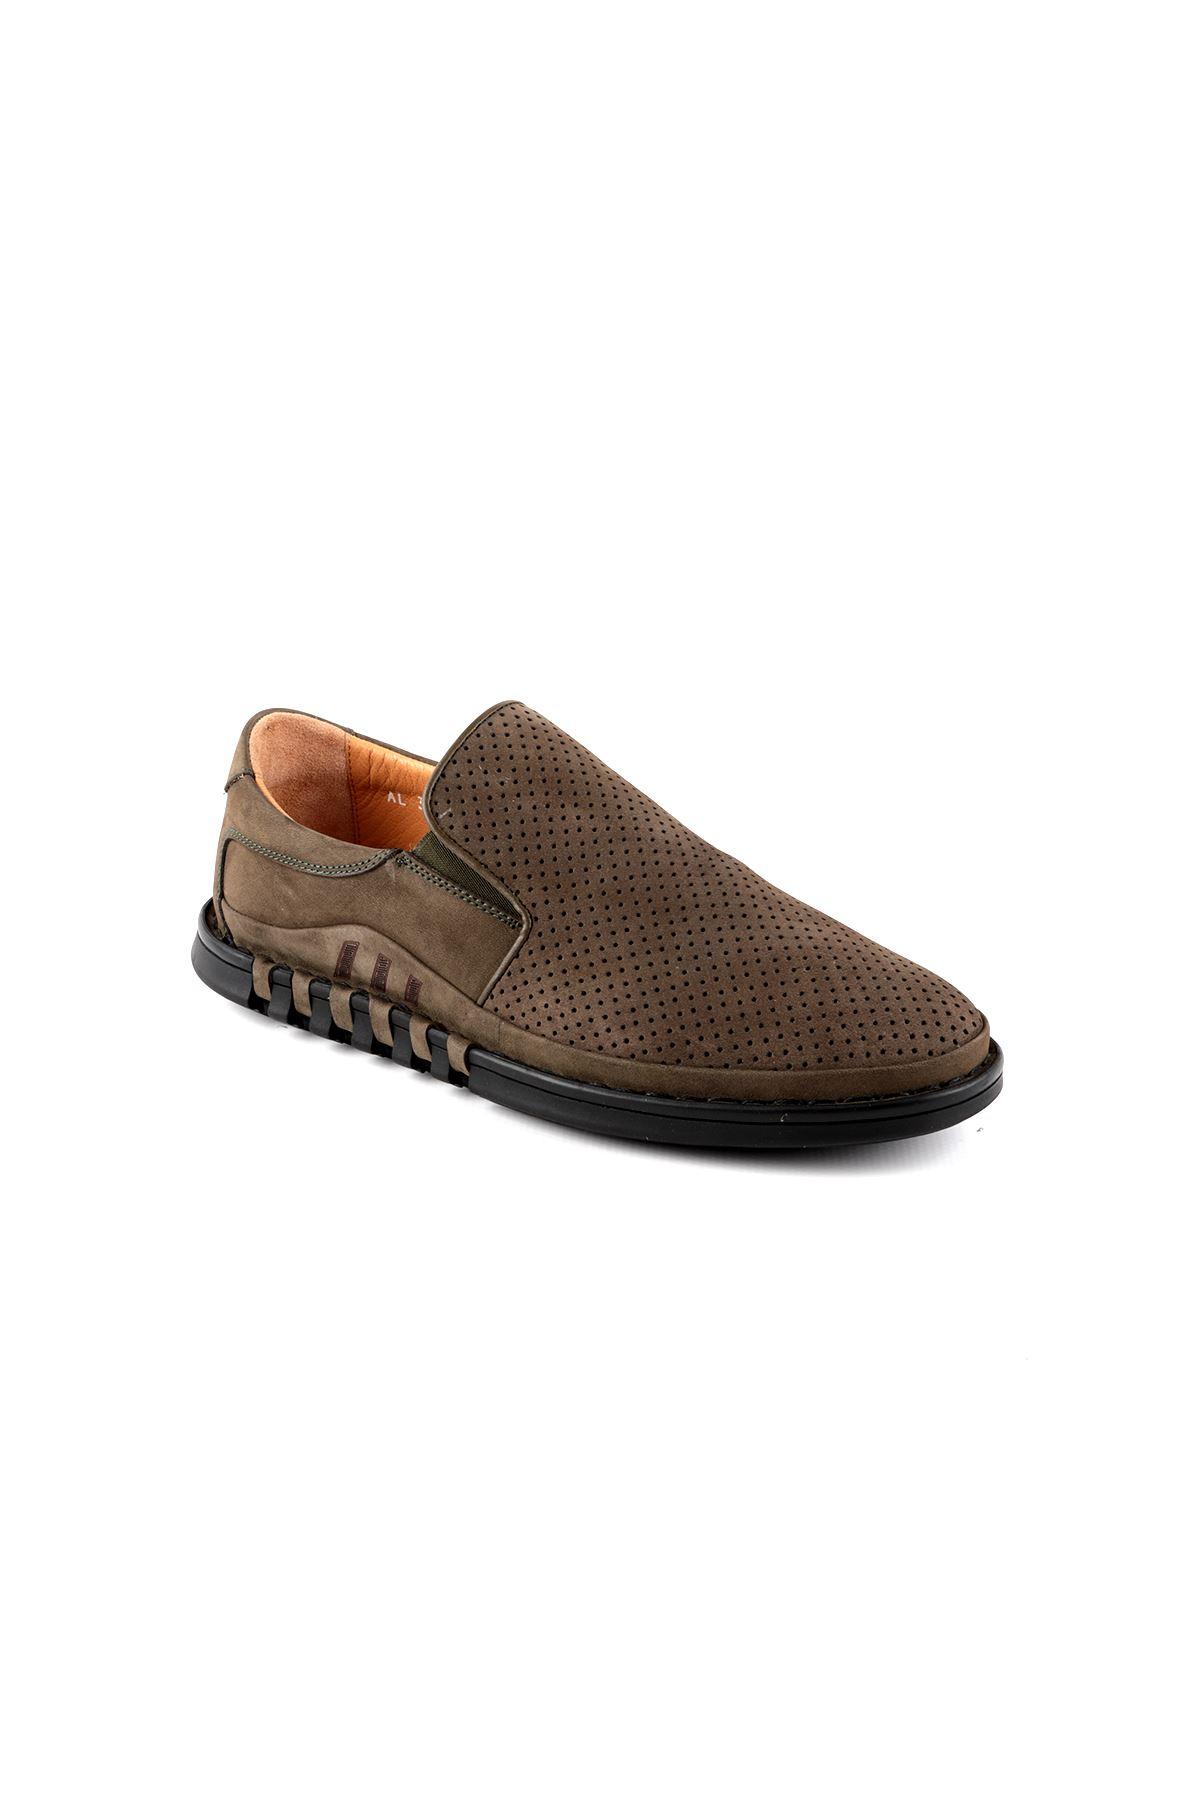 Libero L3760 Haki Loafer Erkek Ayakkabı